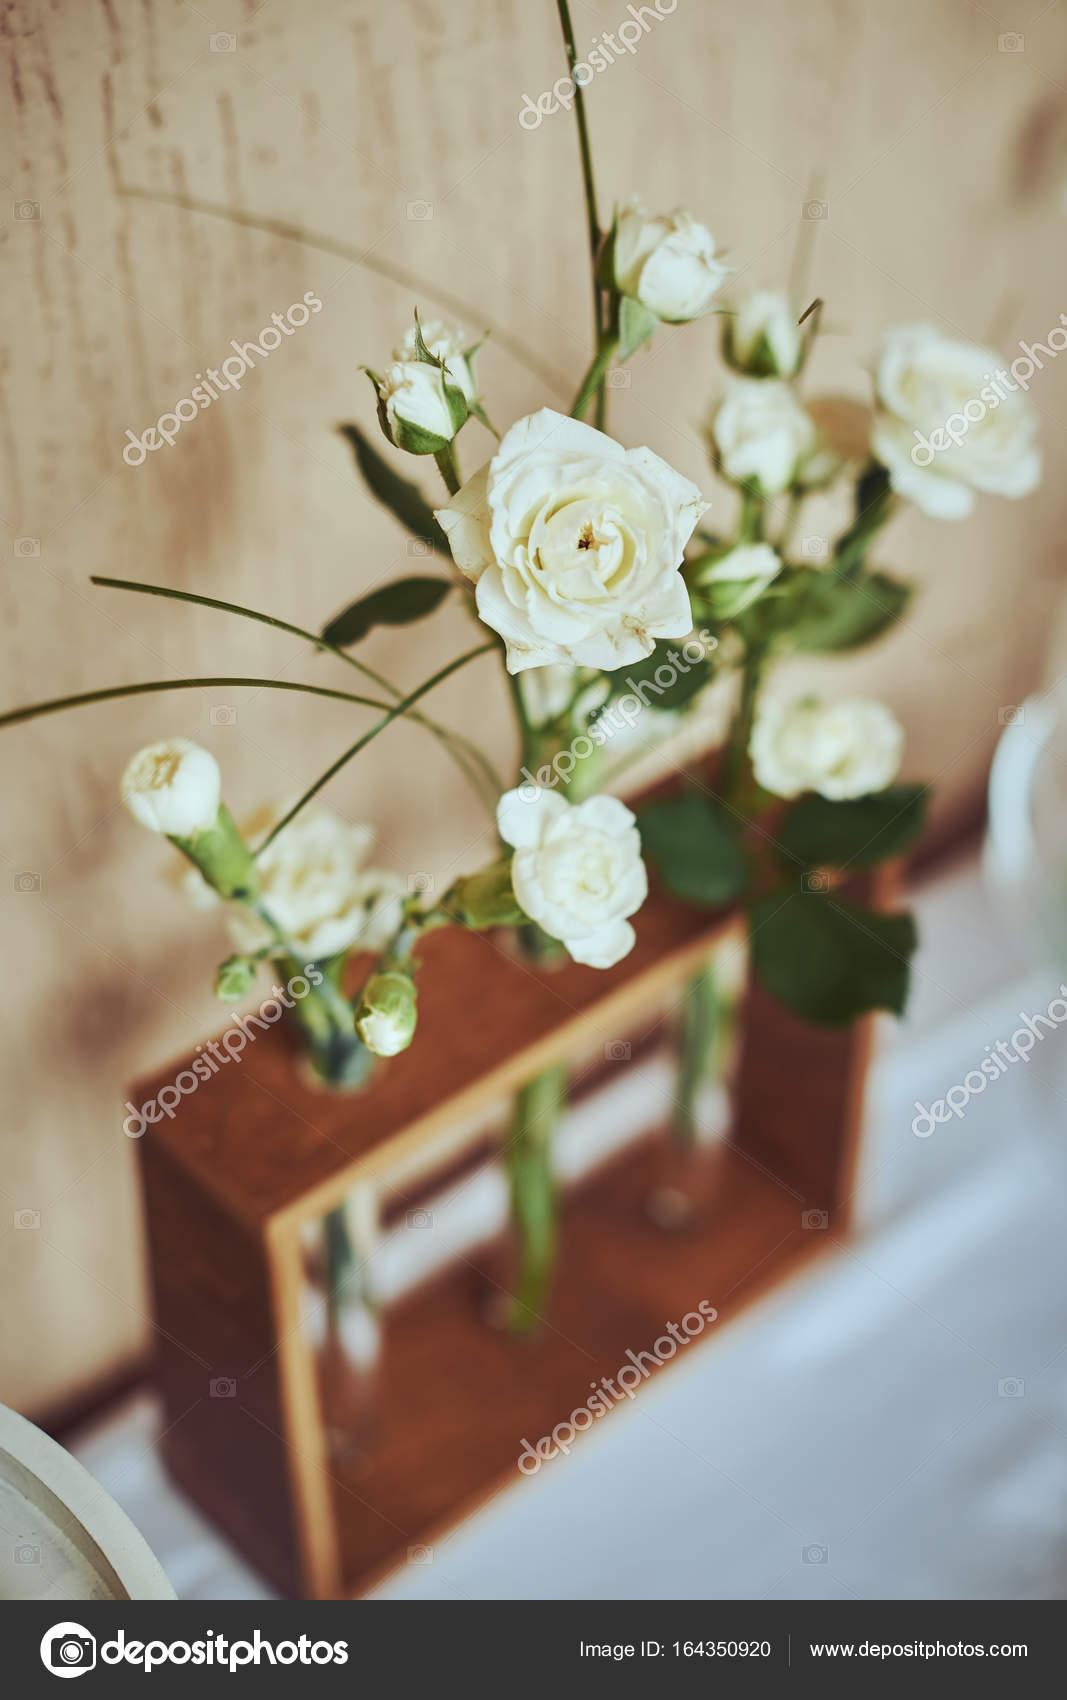 Blumenschmuck In Der Form Blumenstrausse Blumen Hochzeit Stockfoto